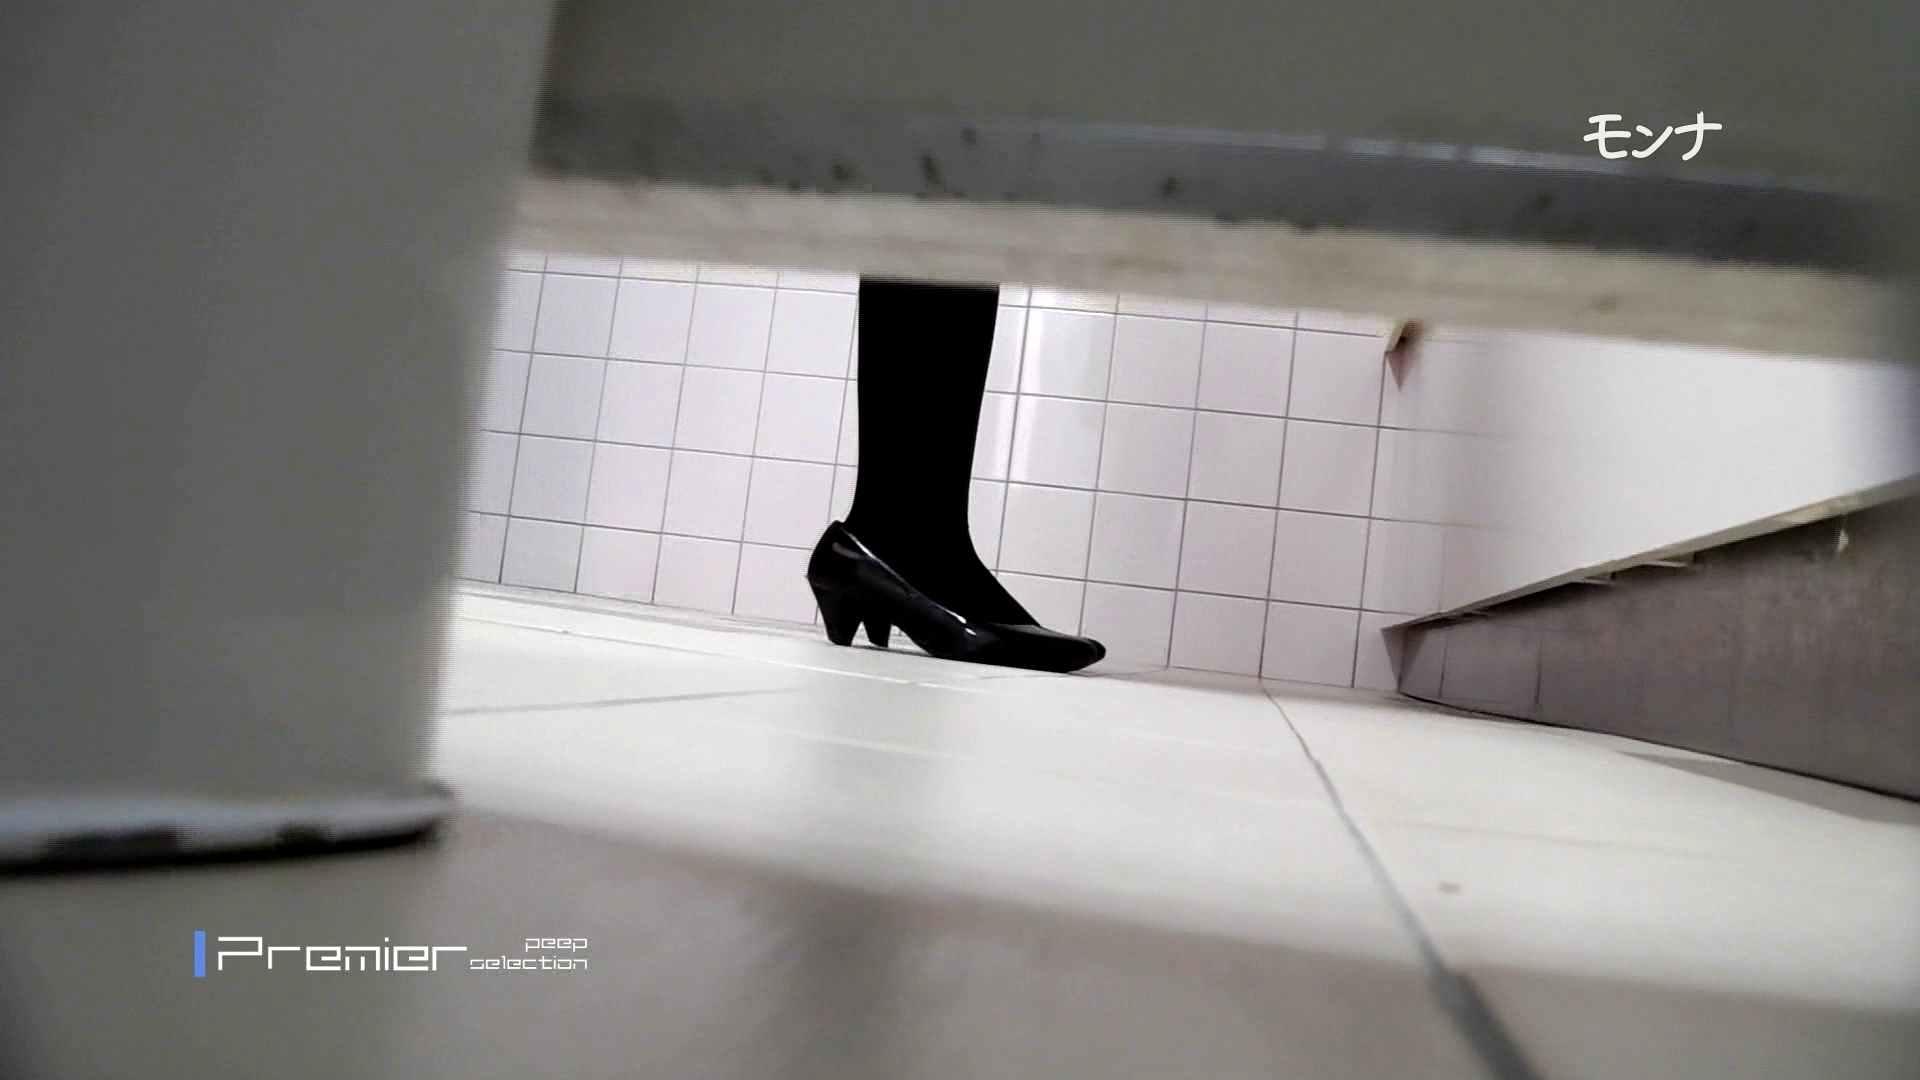 新学期!!下半身中心に攻めてます美小女可愛い女の悪戯盗撮トイレ 禁断のトイレ  106枚 21